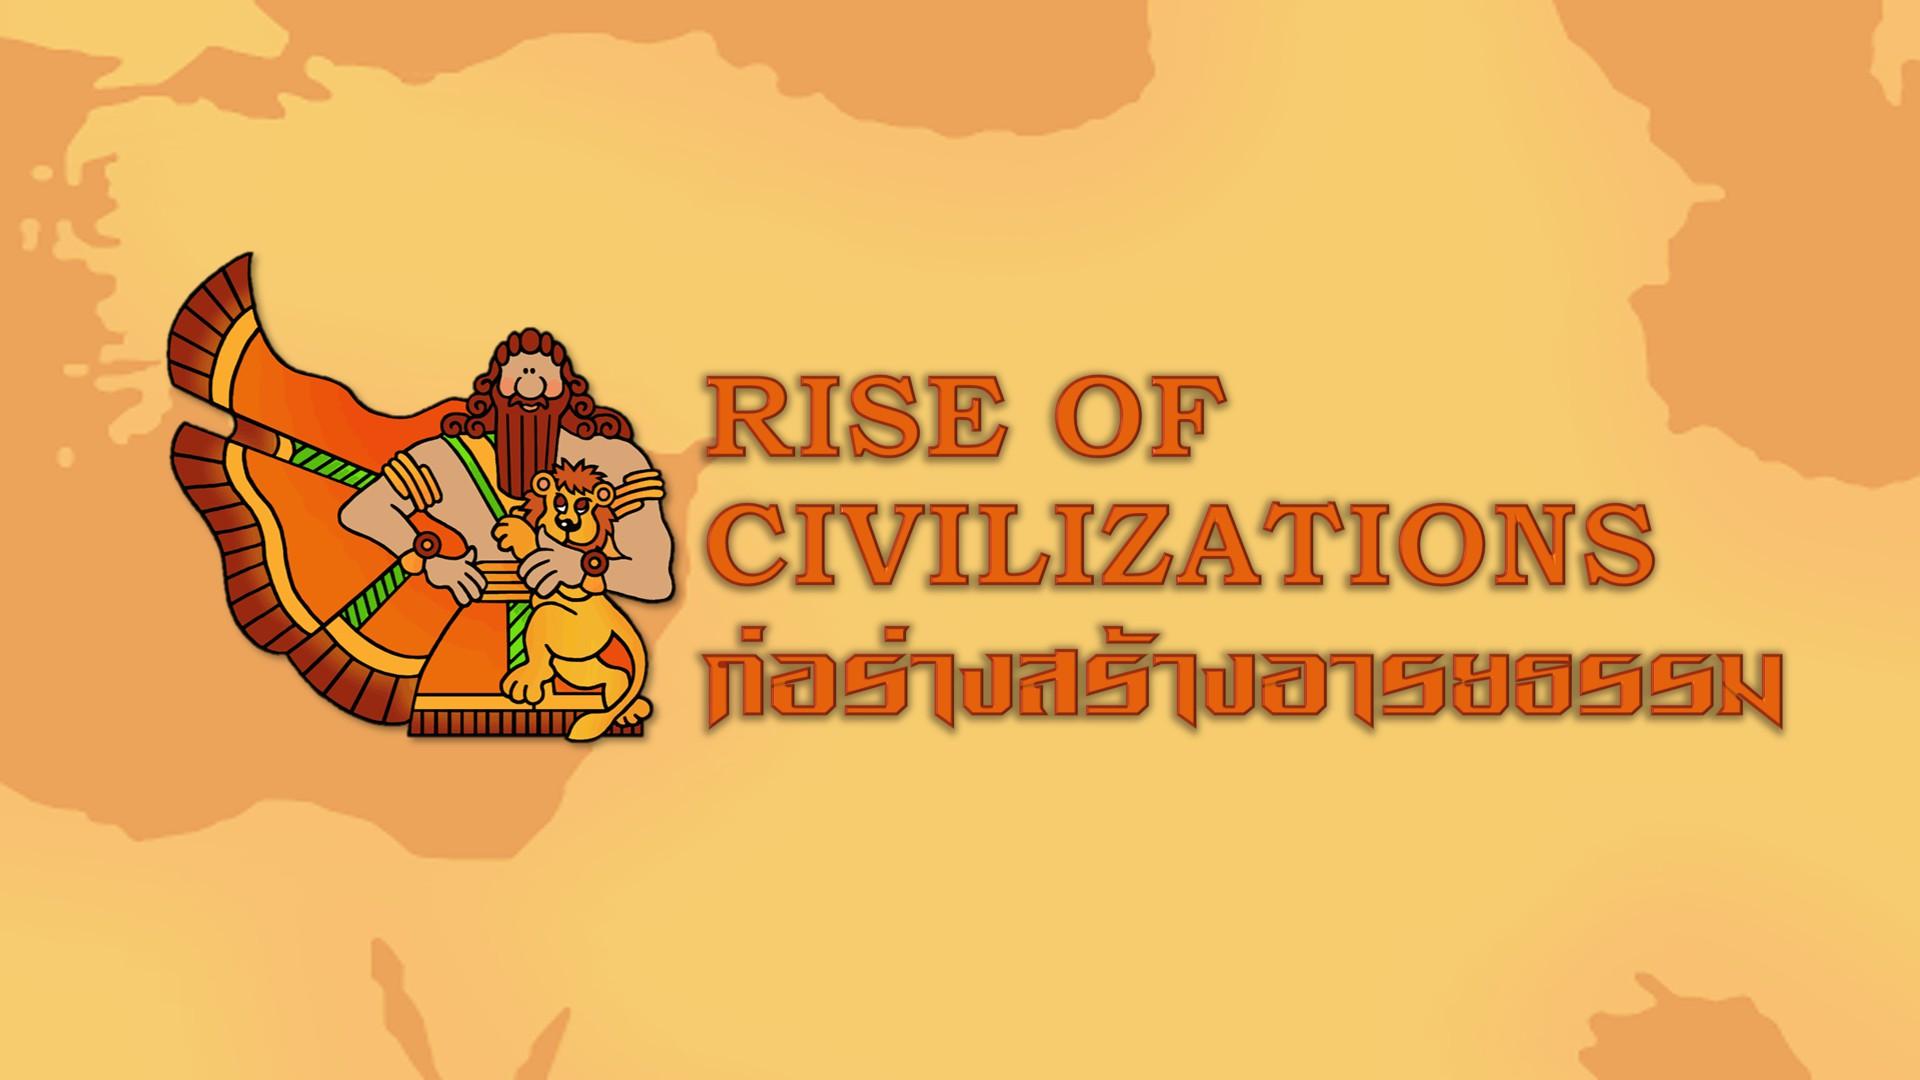 ภาพประกอบไอเดีย RISE OF CIVILIZATIONS ก่อร่างสร้างอารยธรรม